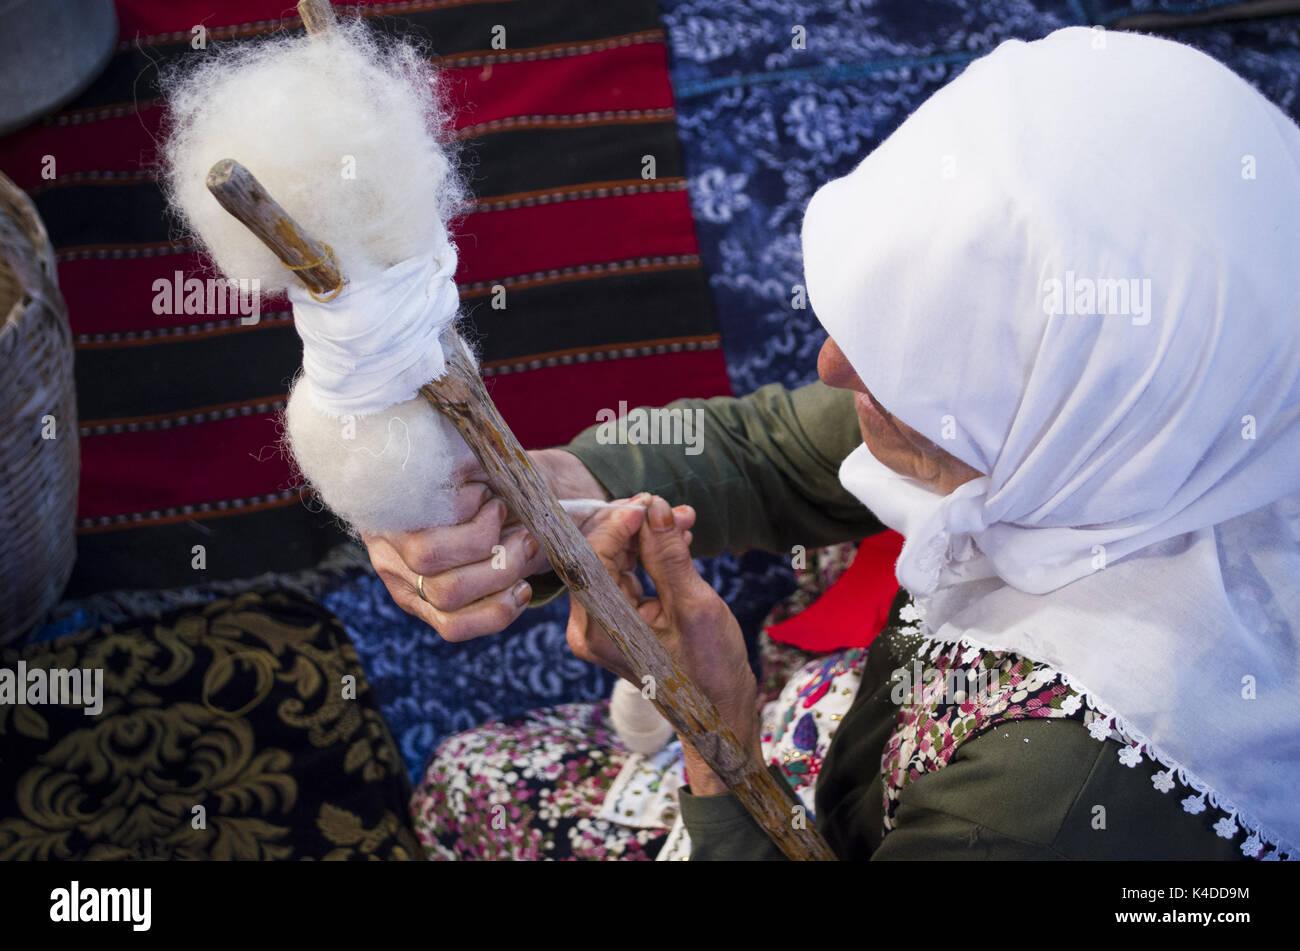 Turkish old woman making rope - Stock Image